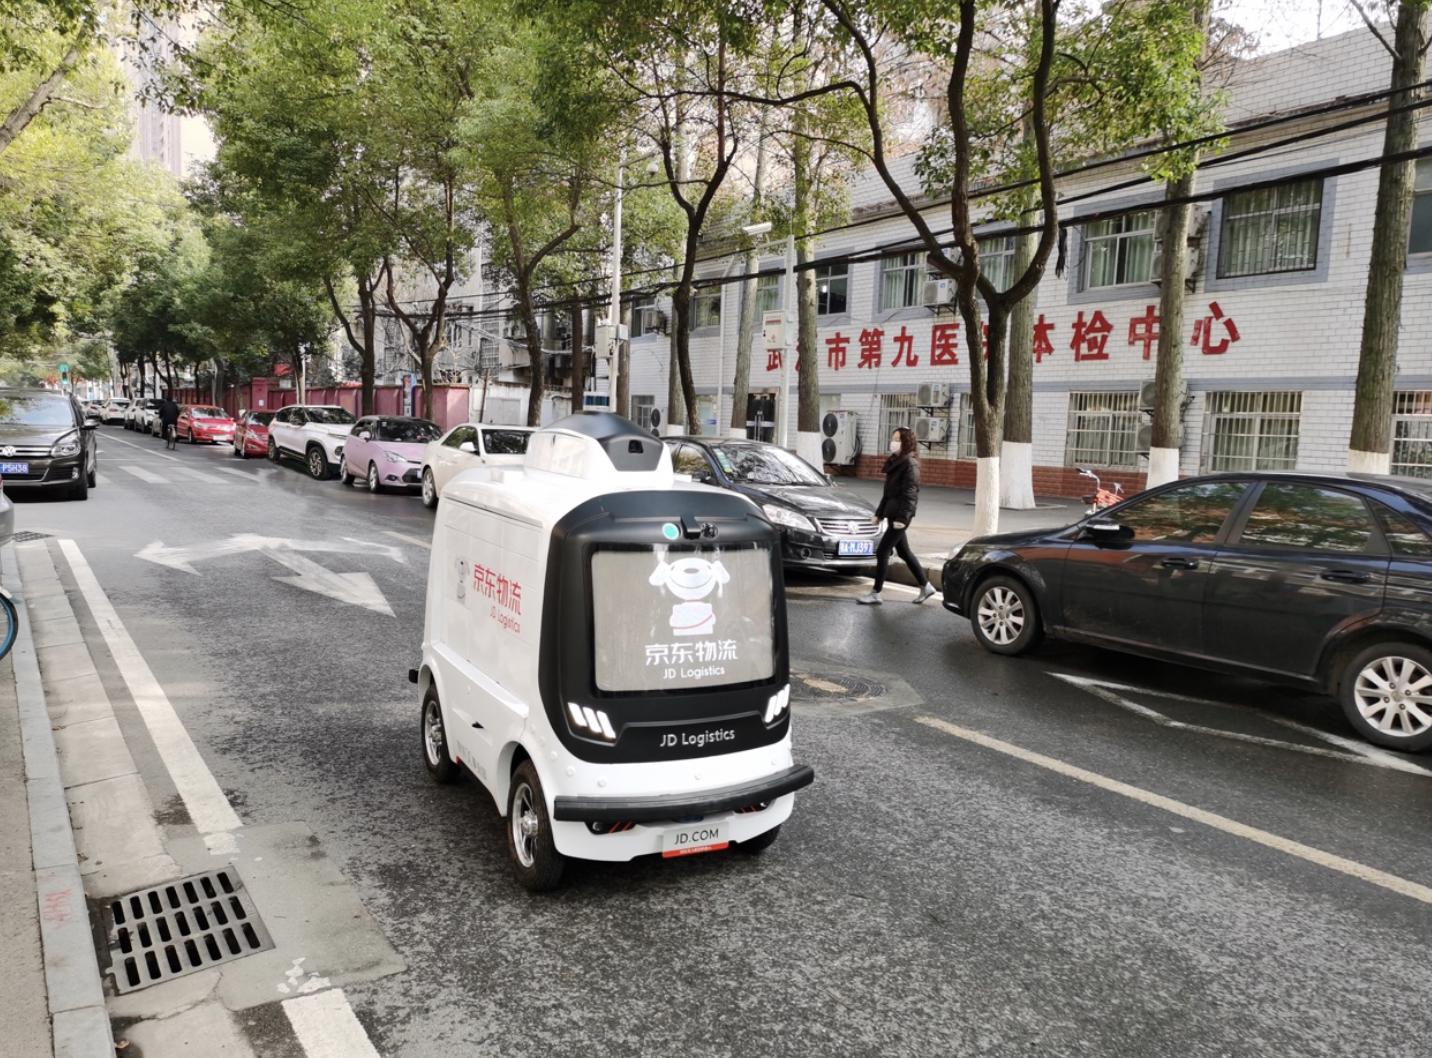 京東物流使用機器人送貨完成了武漢智能配送第一單